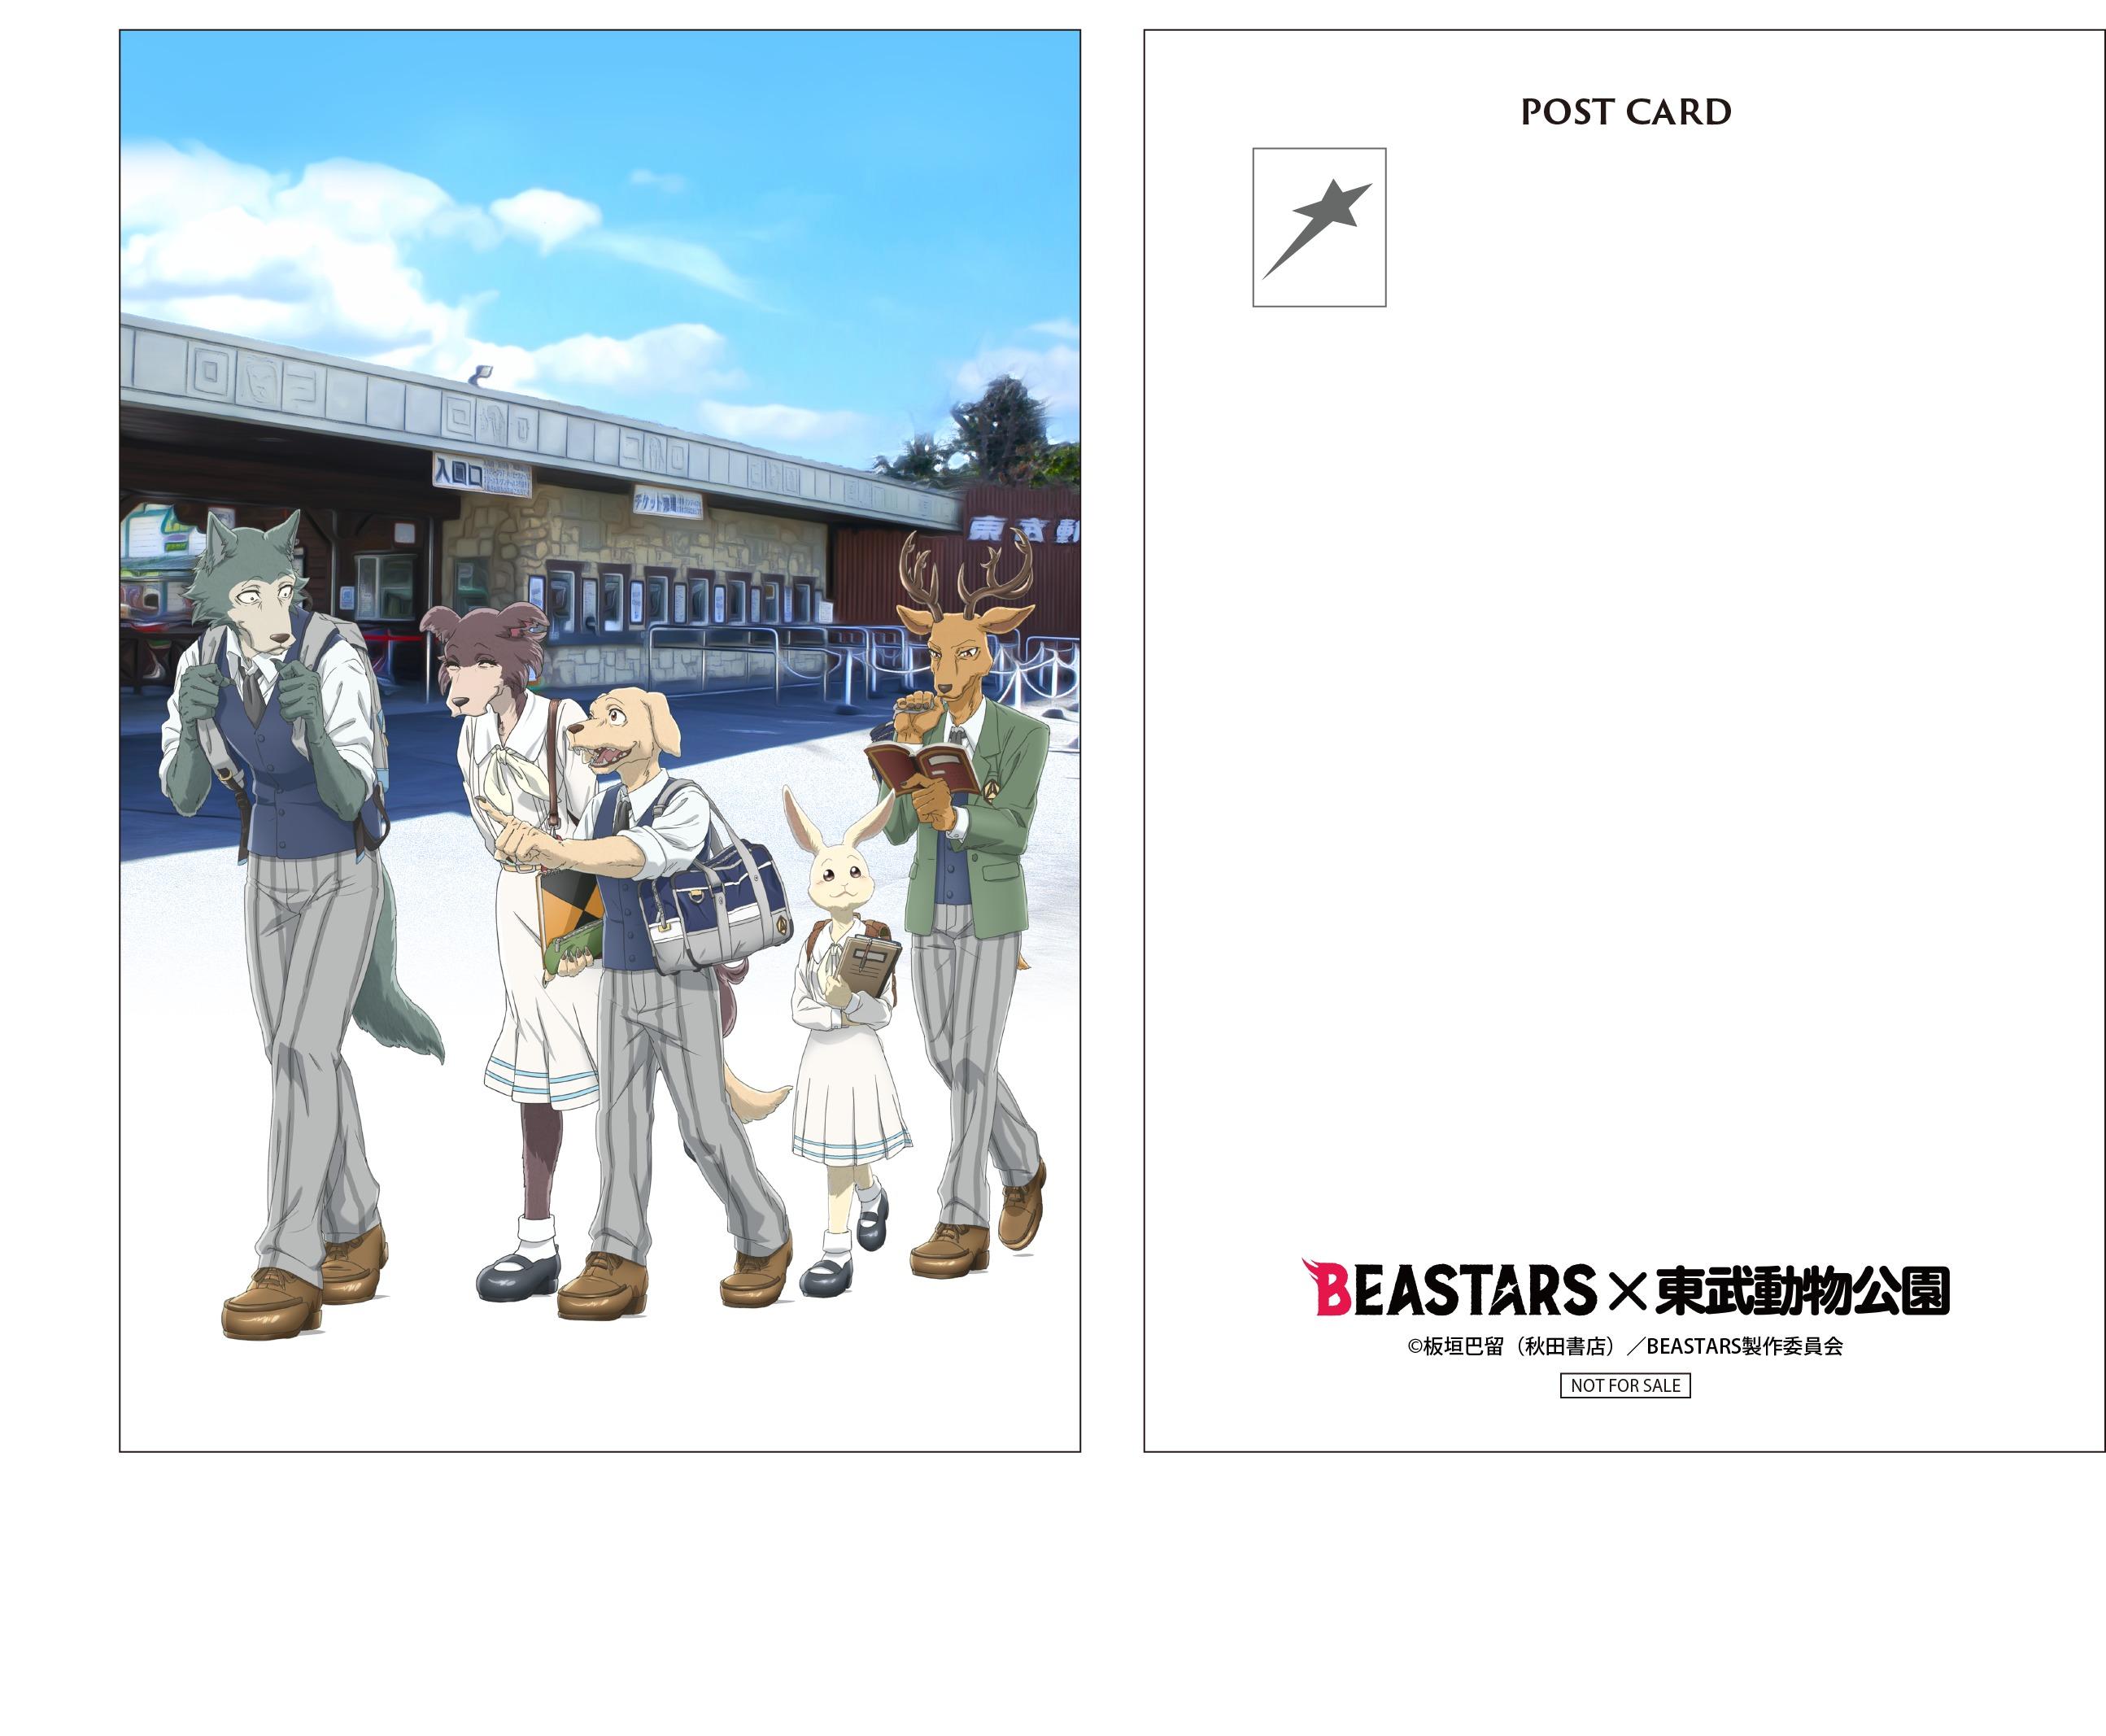 キービジュアルポストカード (C)板垣巴留(秋田書店)/BEASTARS制作委員会